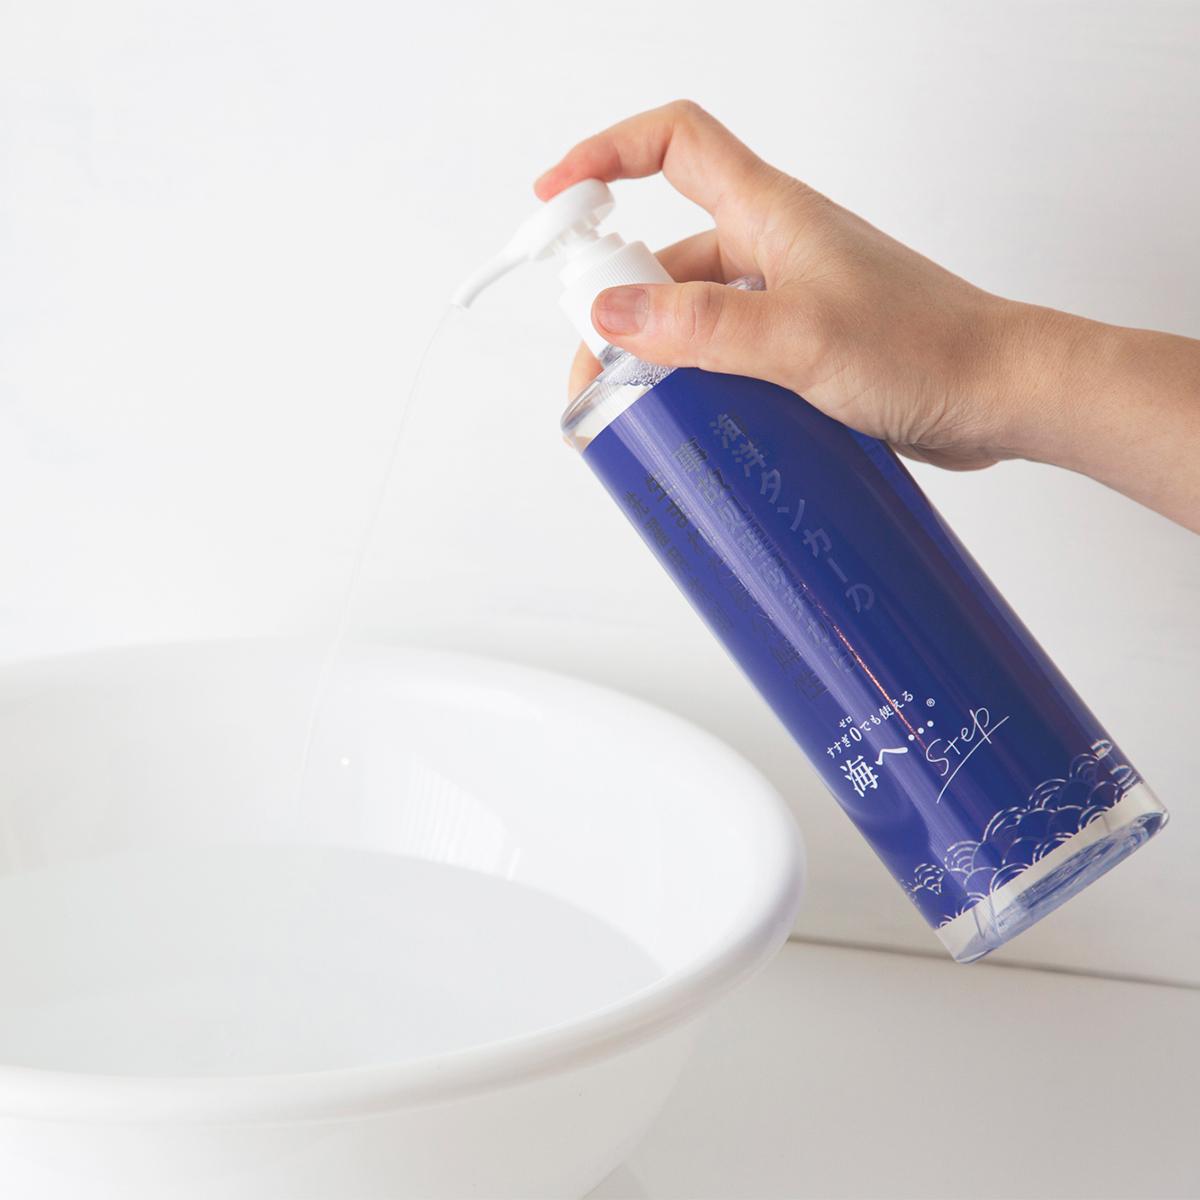 これ一つで綿もカシミヤも洗える!キャップ計量もすすぎの手間もいらない洗剤|海へ…Step。上質なカシミアニット|SANYO(三陽商会)